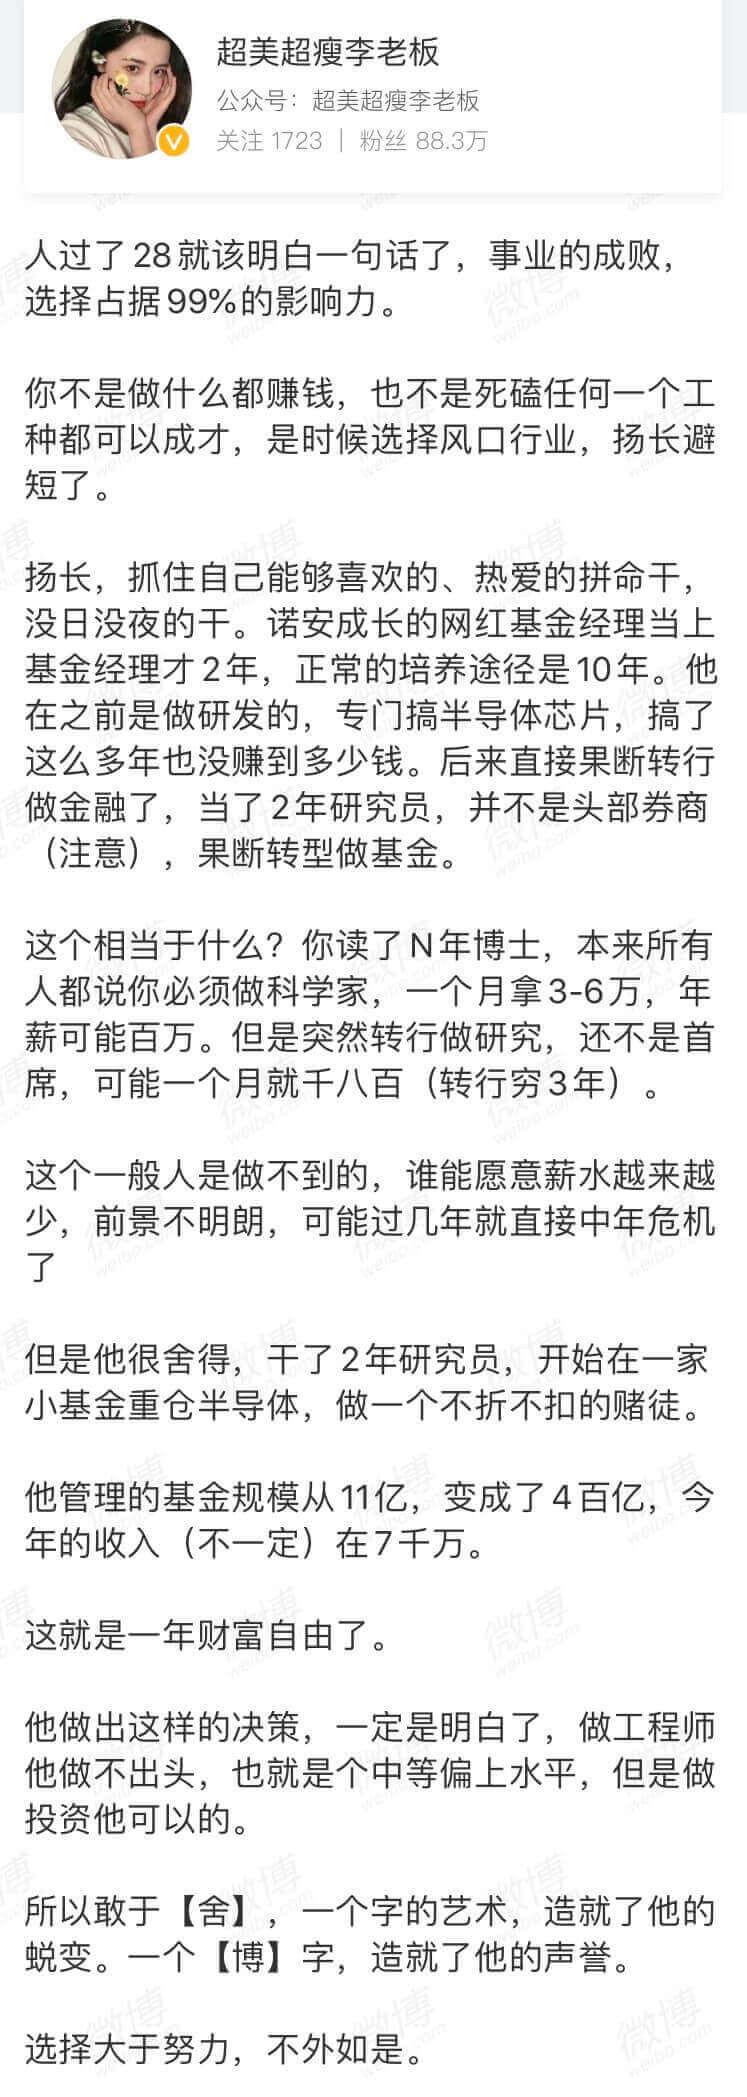 《黄峥生平、阿里云牛年双肩背包(薅) - 破茧日报 234 期》